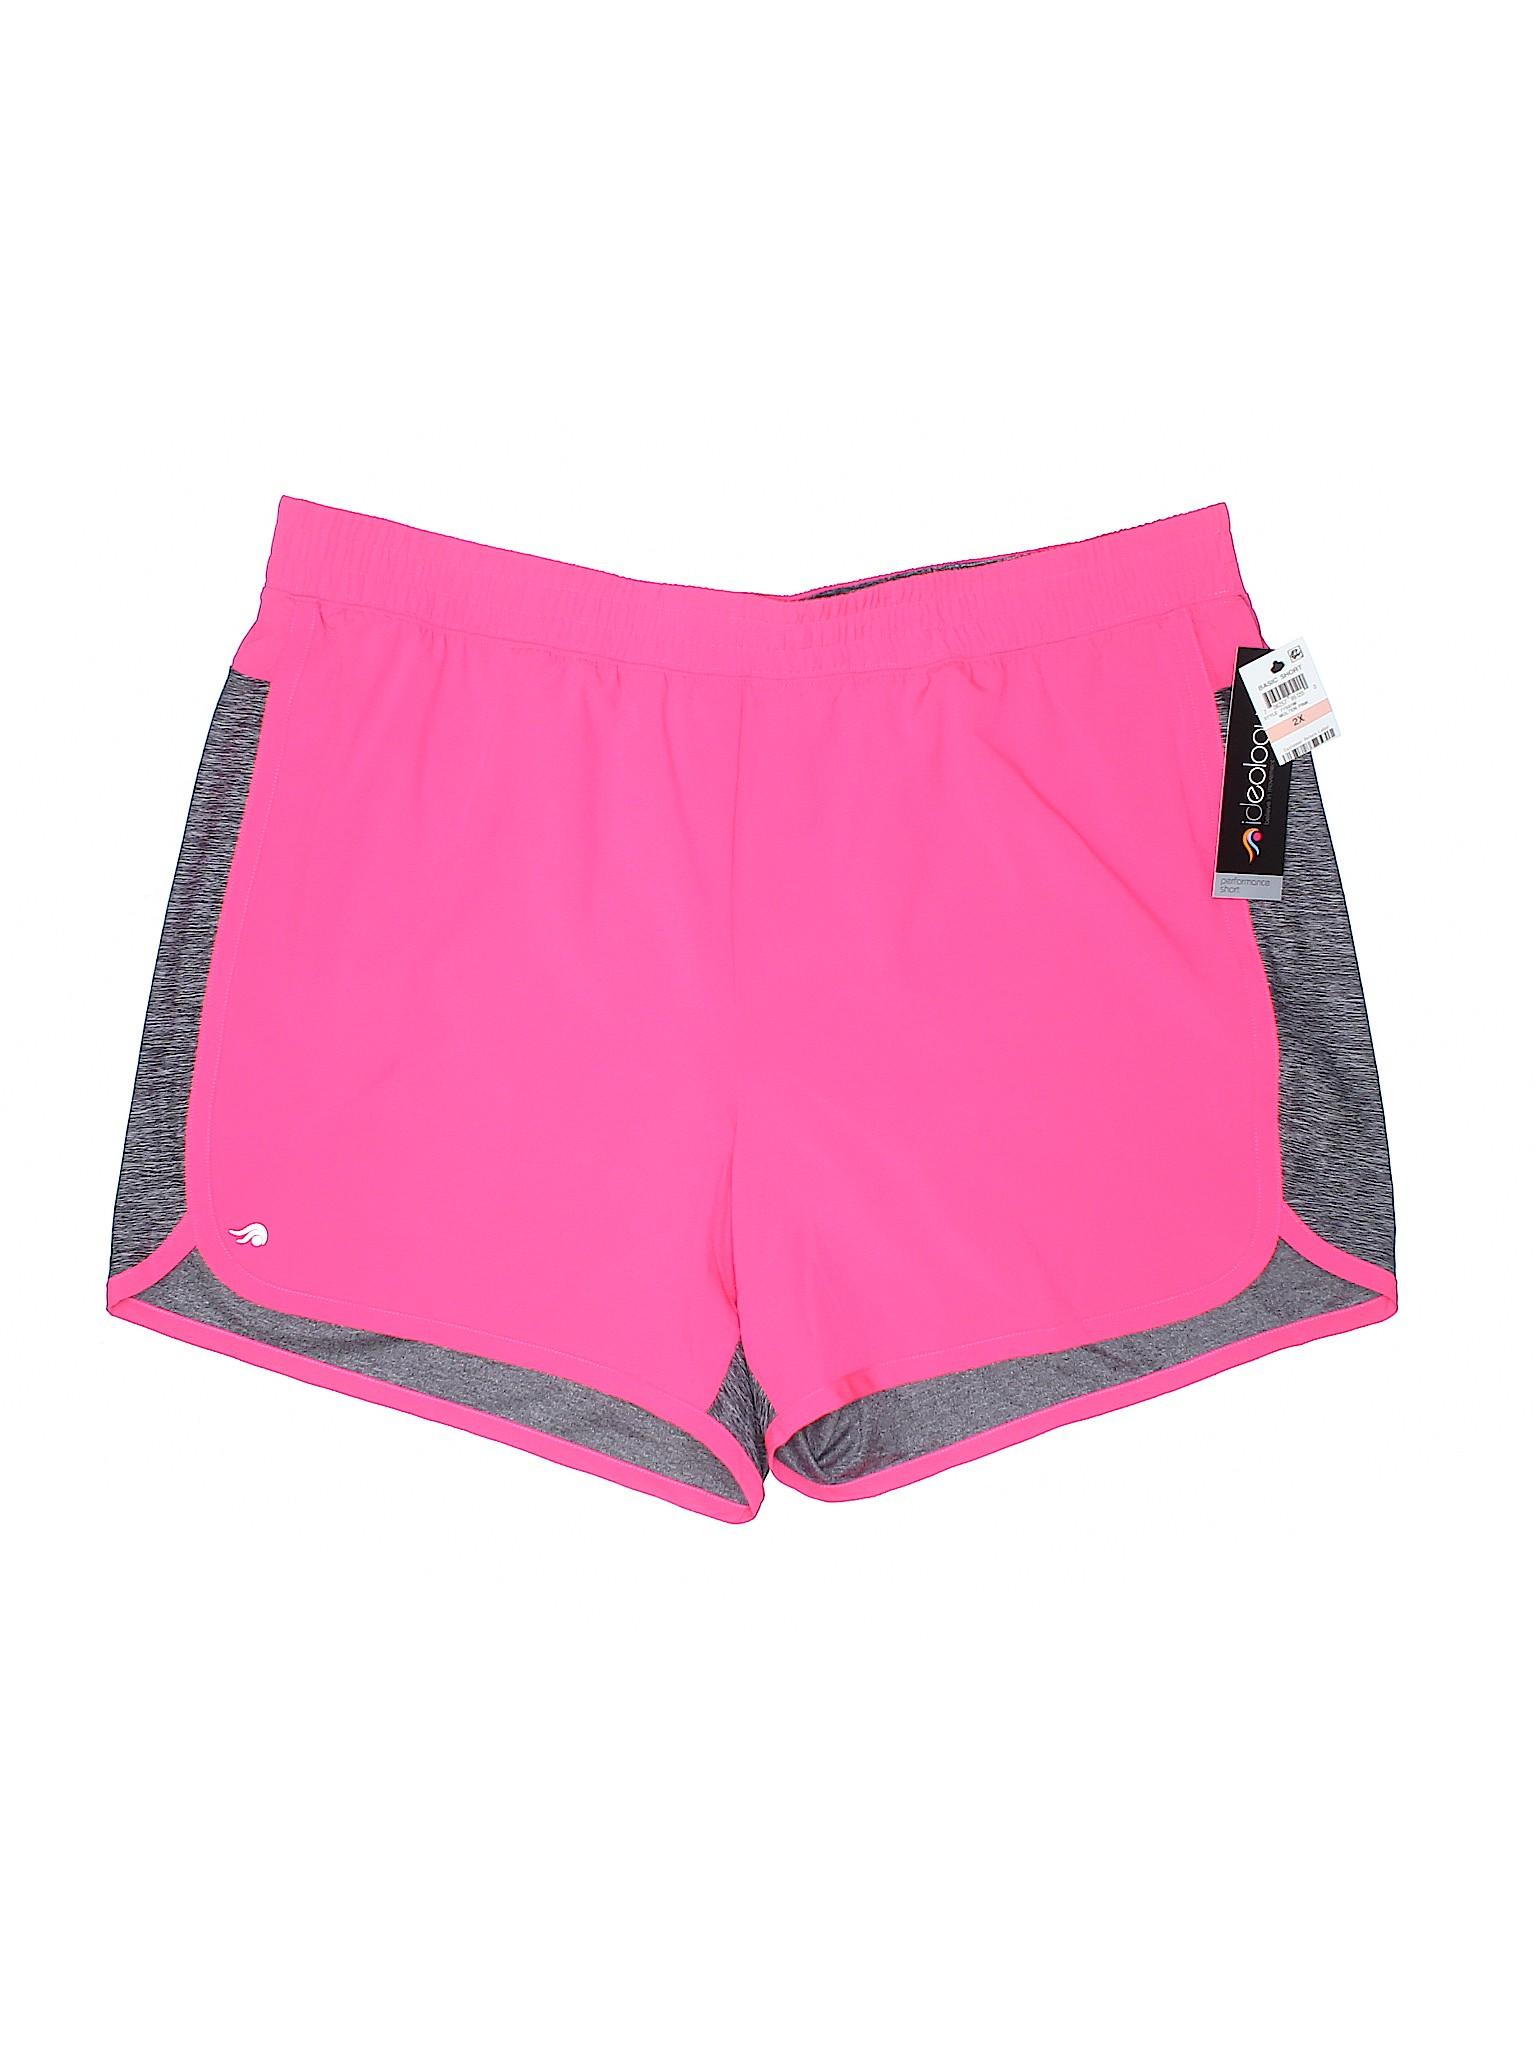 Ideology Boutique Boutique Athletic Shorts Ideology Op4ZEwBq